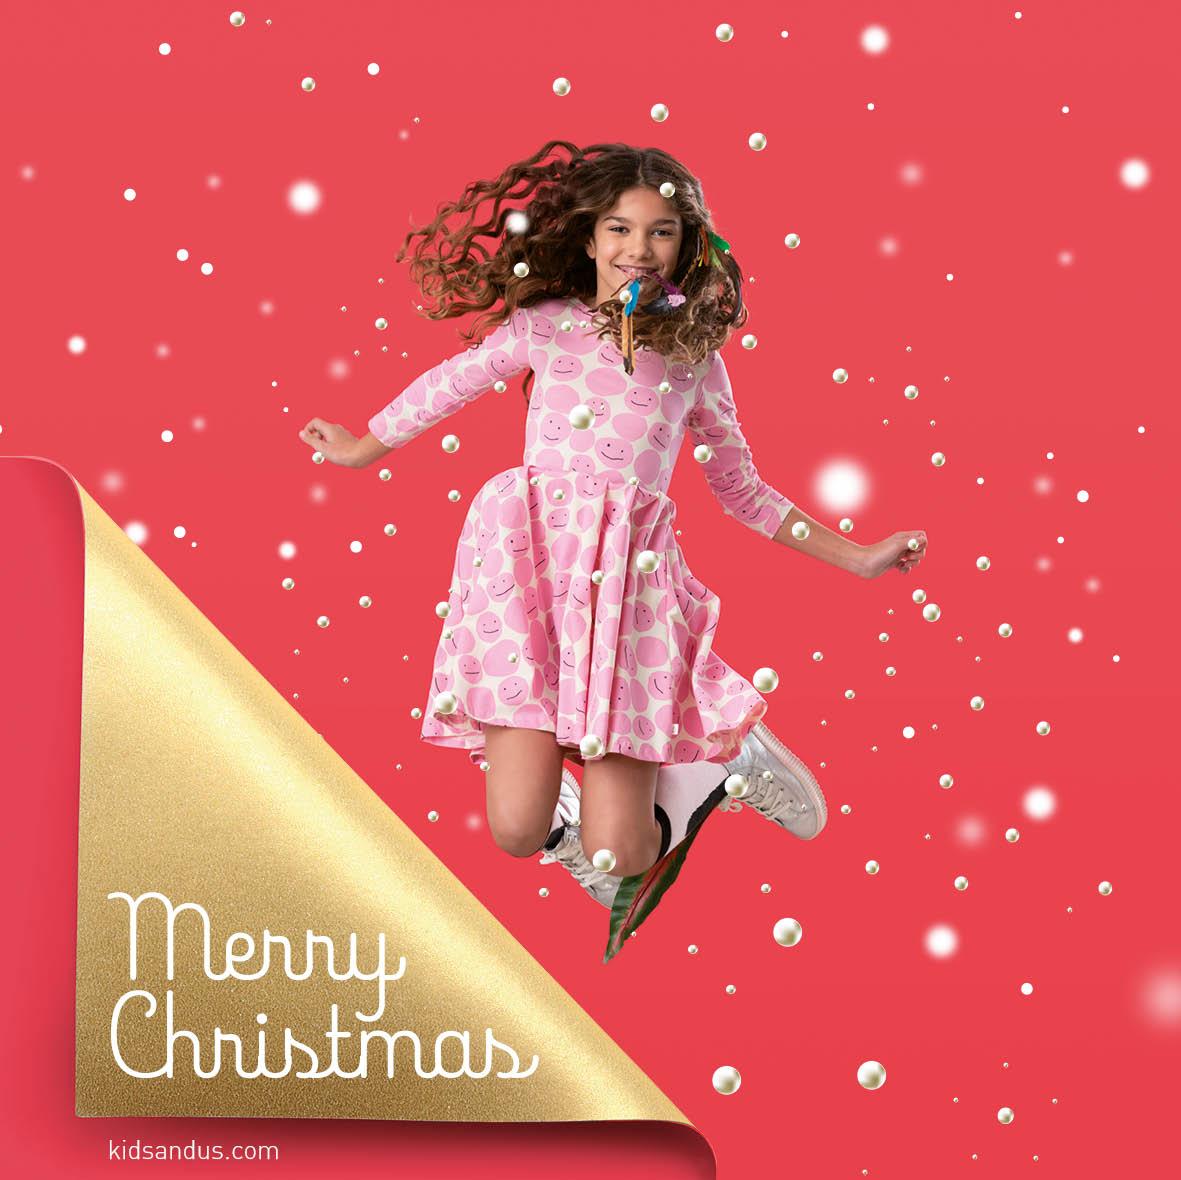 Traditions de Noël : qui apporte les cadeaux de Noël aux enfants dans le monde?